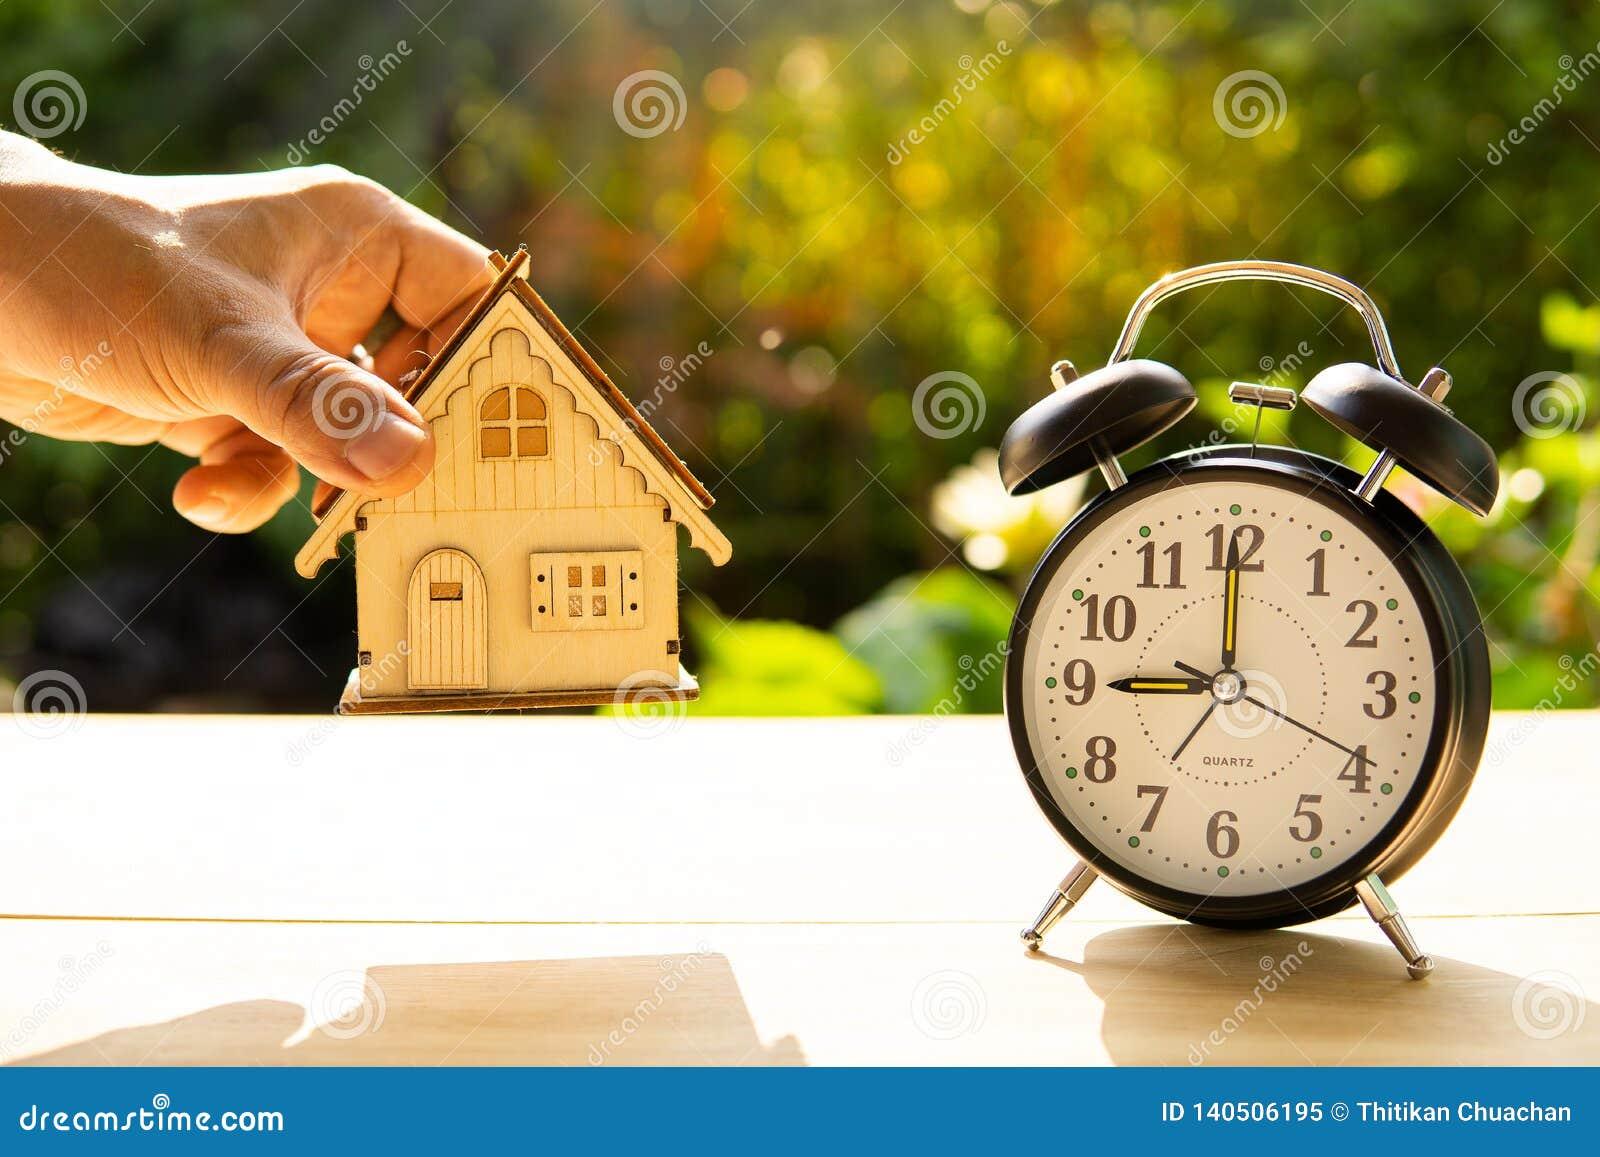 Modelo da casa da captura do homem e a pilha do despertador no fundo de madeira da tabela e do por do sol no momento da mostra do